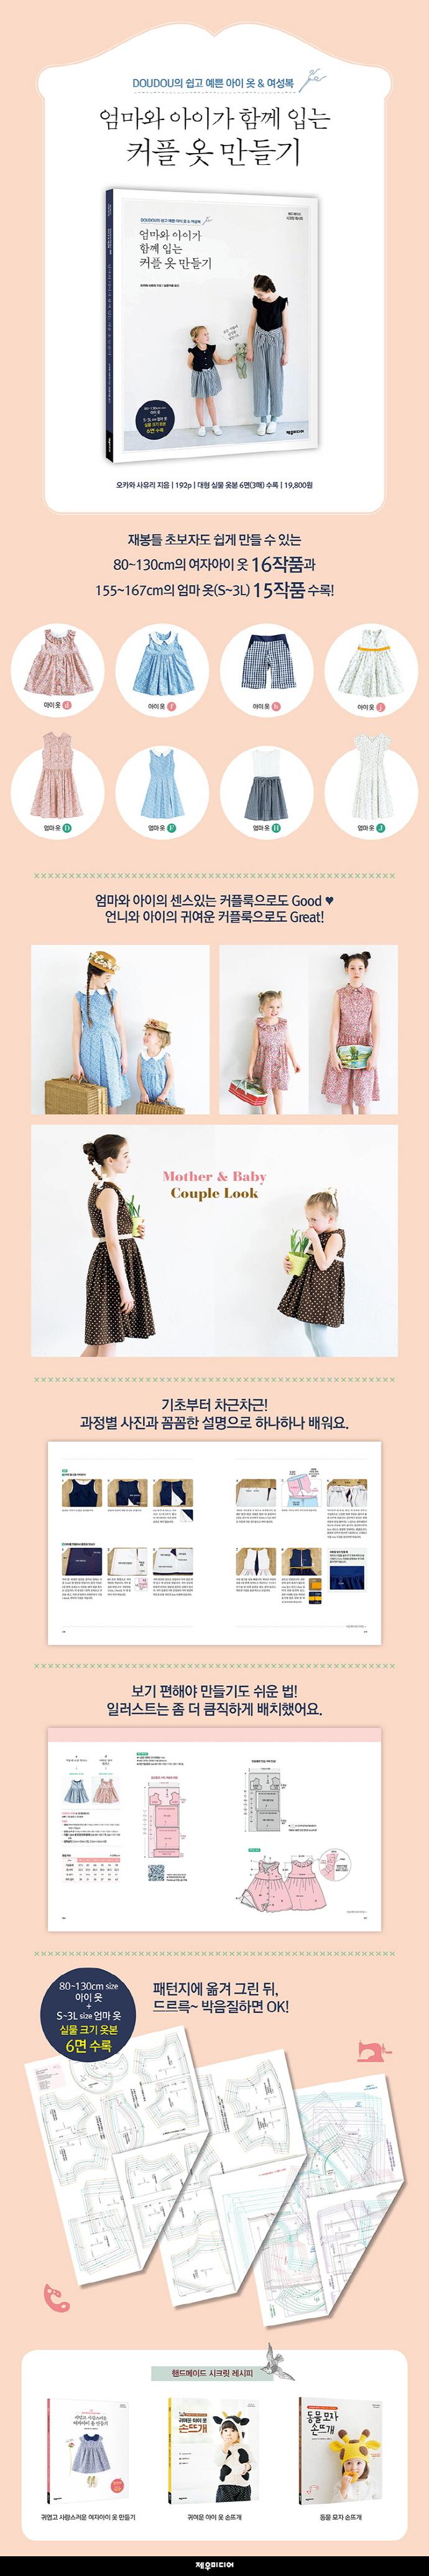 엄마와 아이가 함께 입는 커플 옷 만들기(핸드메이드 시크릿 레시피) 도서 상세이미지